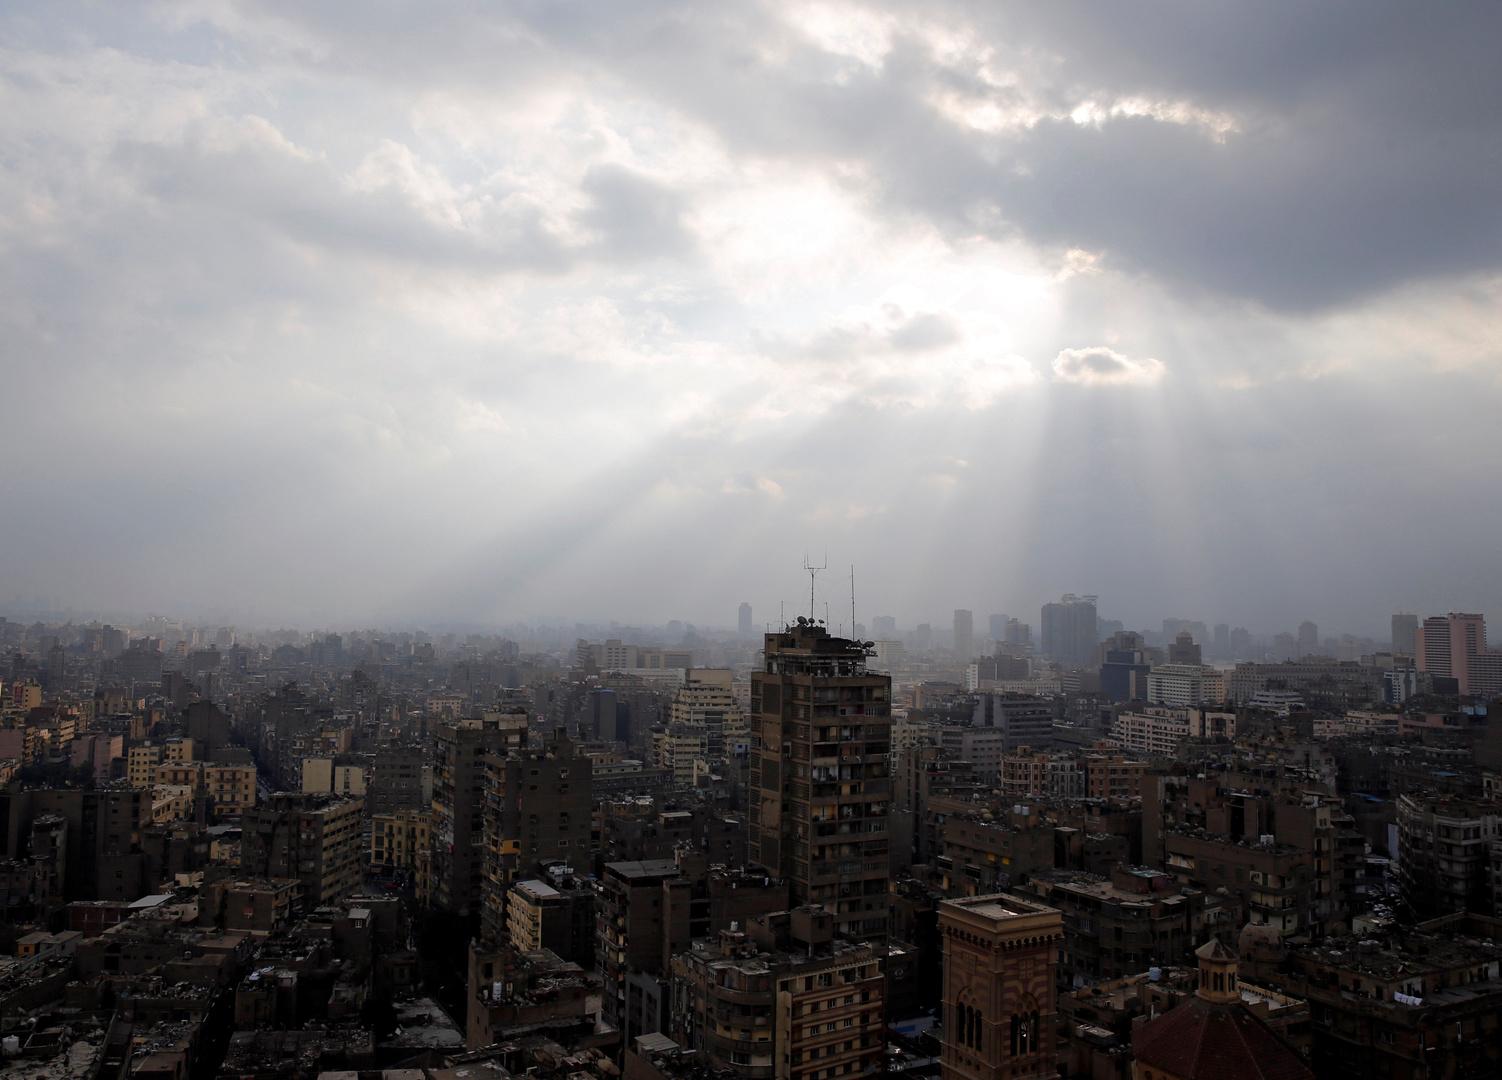 الأرصاد الجوية المصرية تنفي إمكانية غرق بعض المدن خلال الأيام المقبلة